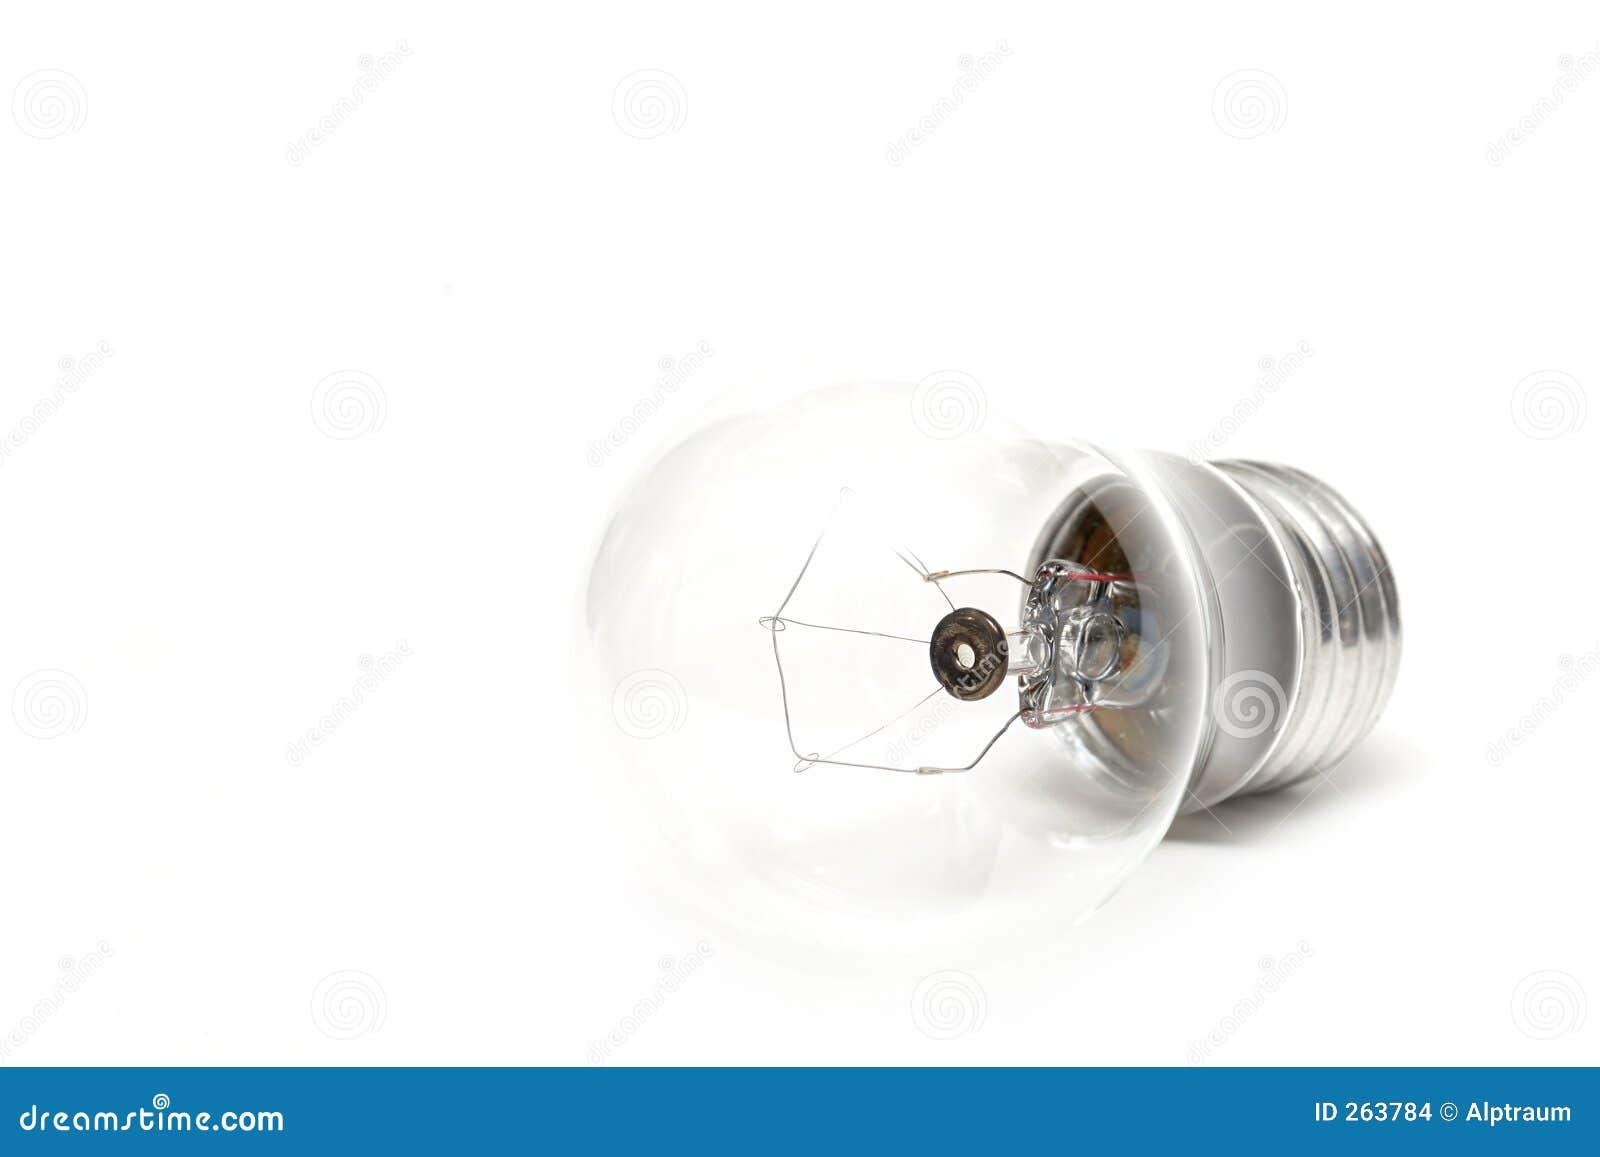 Lightbulb macro in highkey